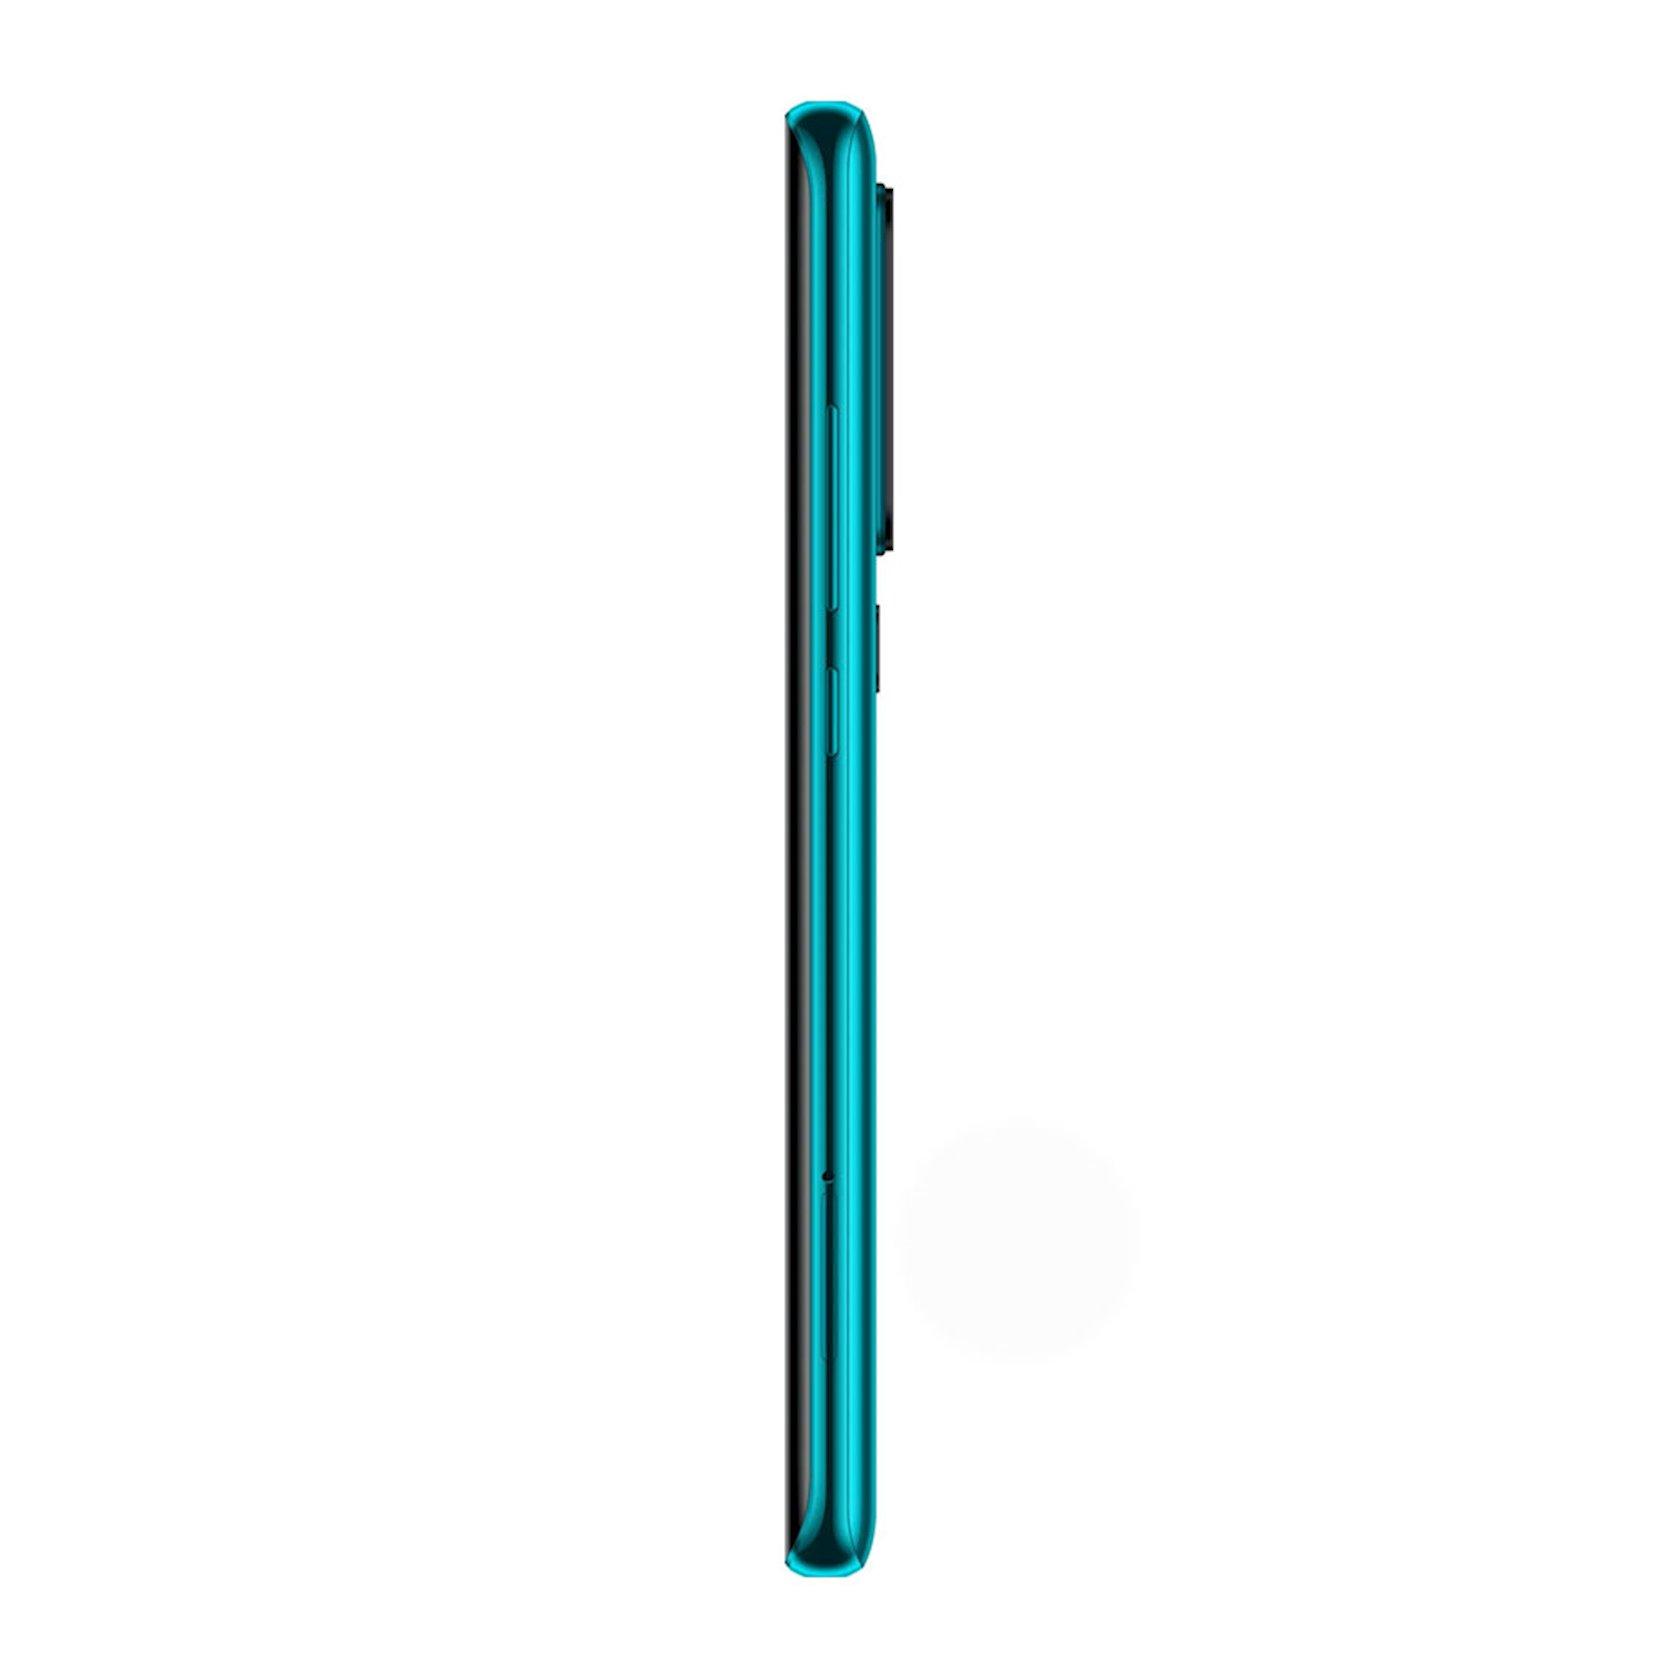 Smartfon Xiaomi Mi 10 8GB/256GB Aurora Green